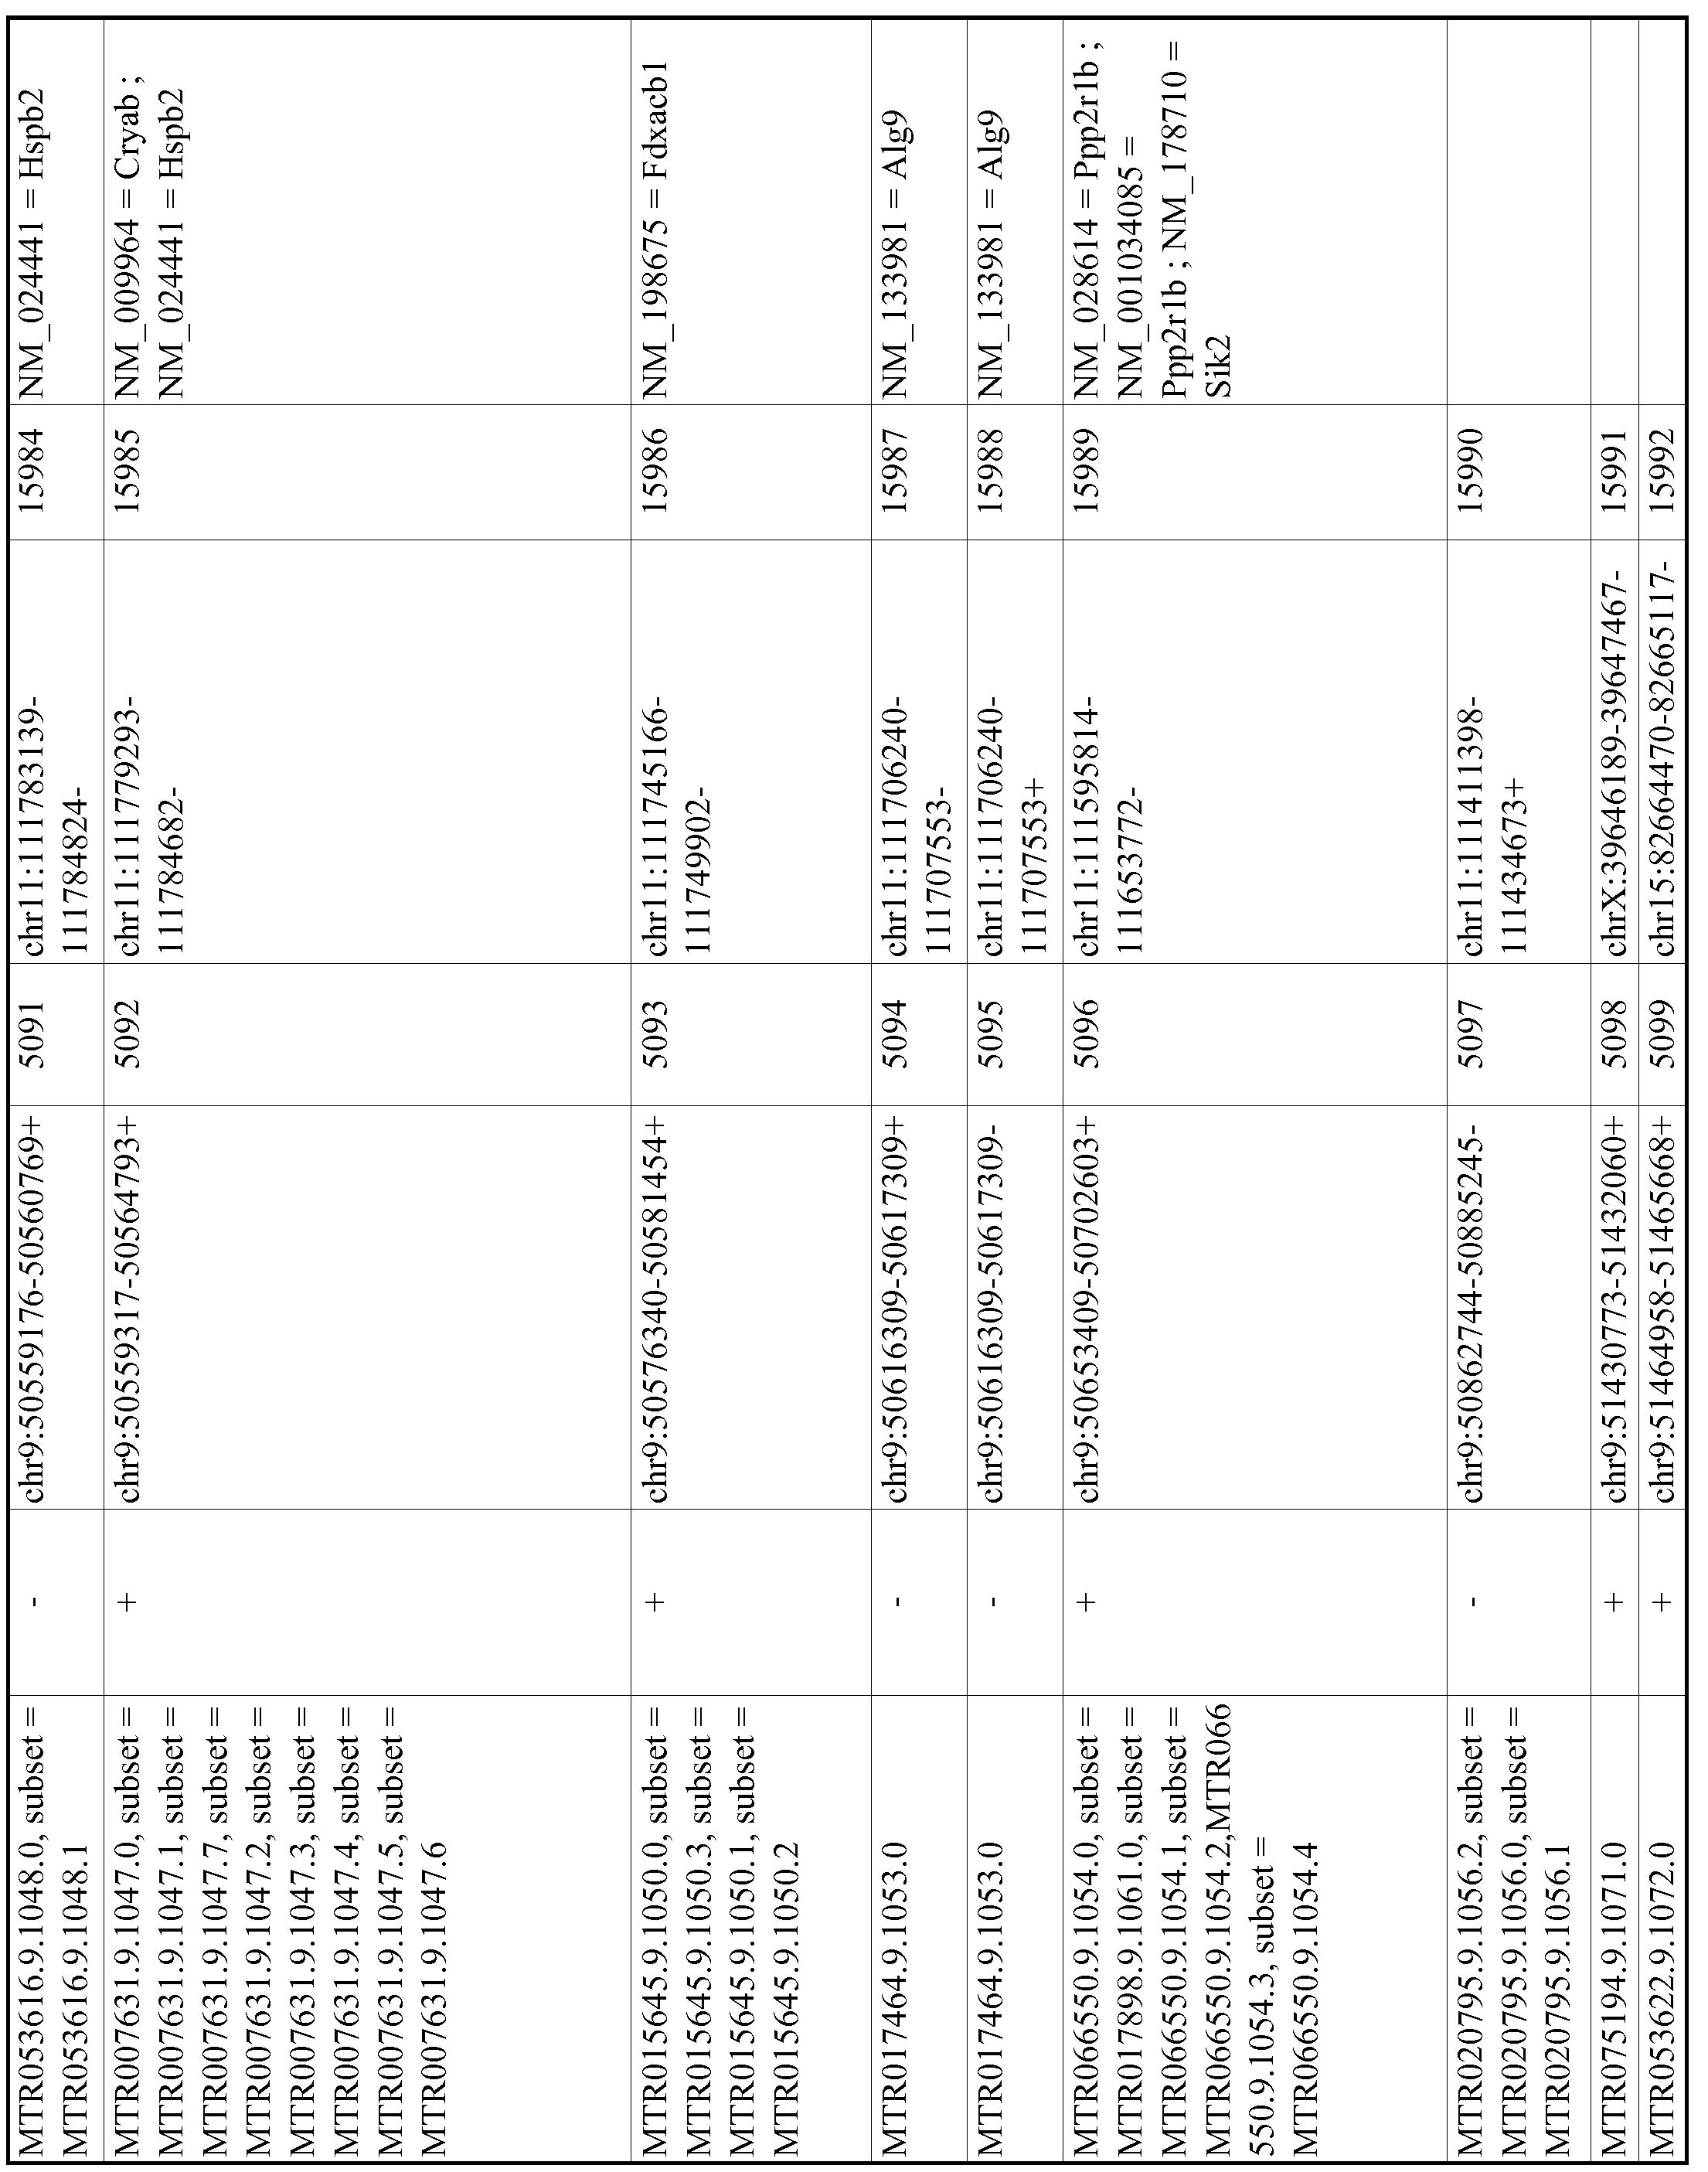 Figure imgf000931_0001